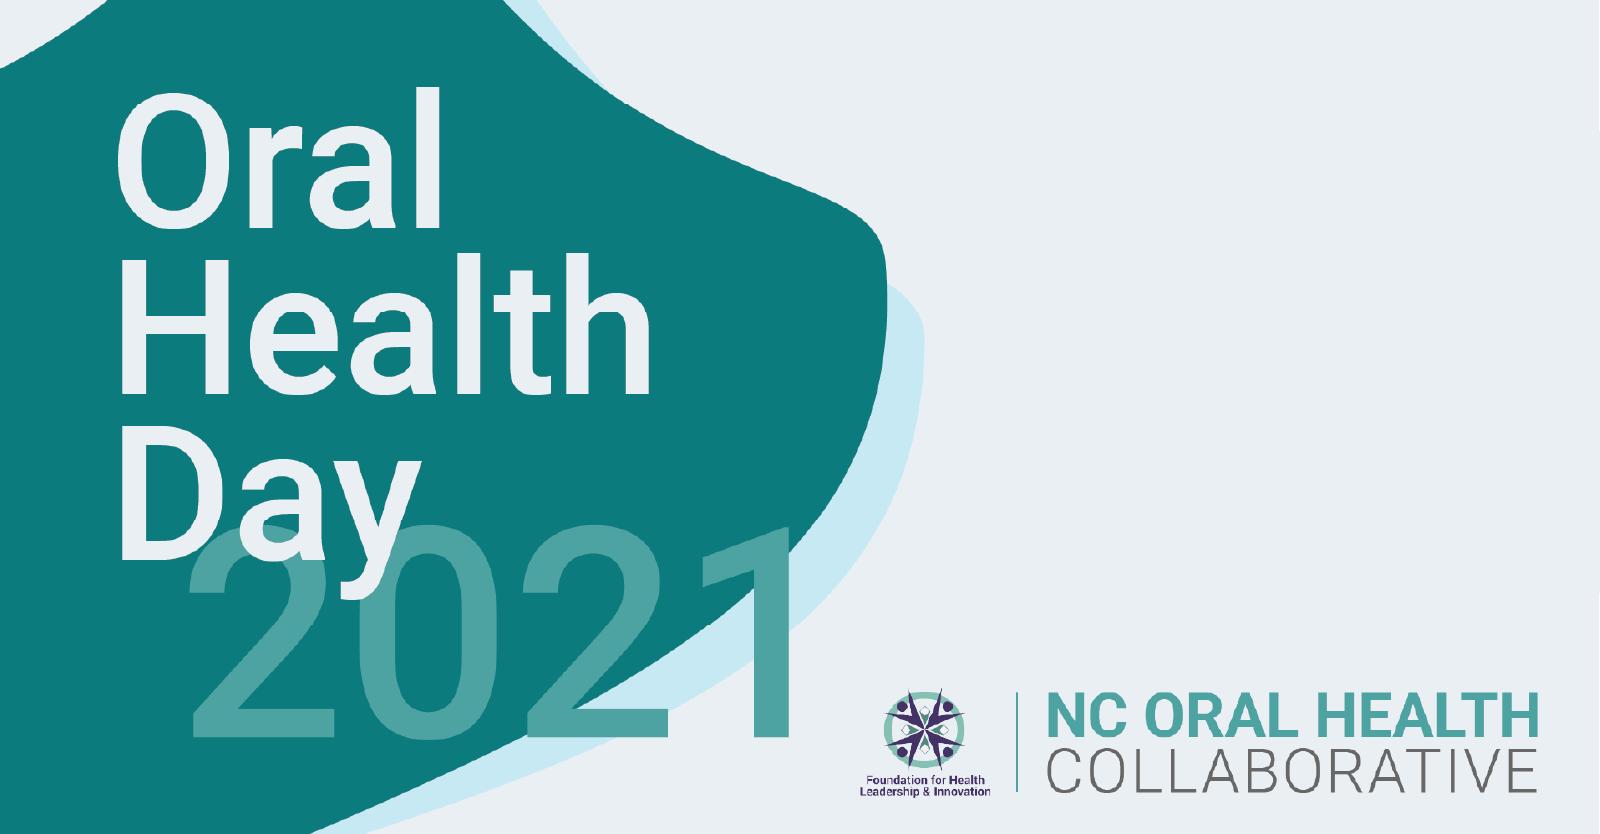 Recap: Oral Health Day 2021